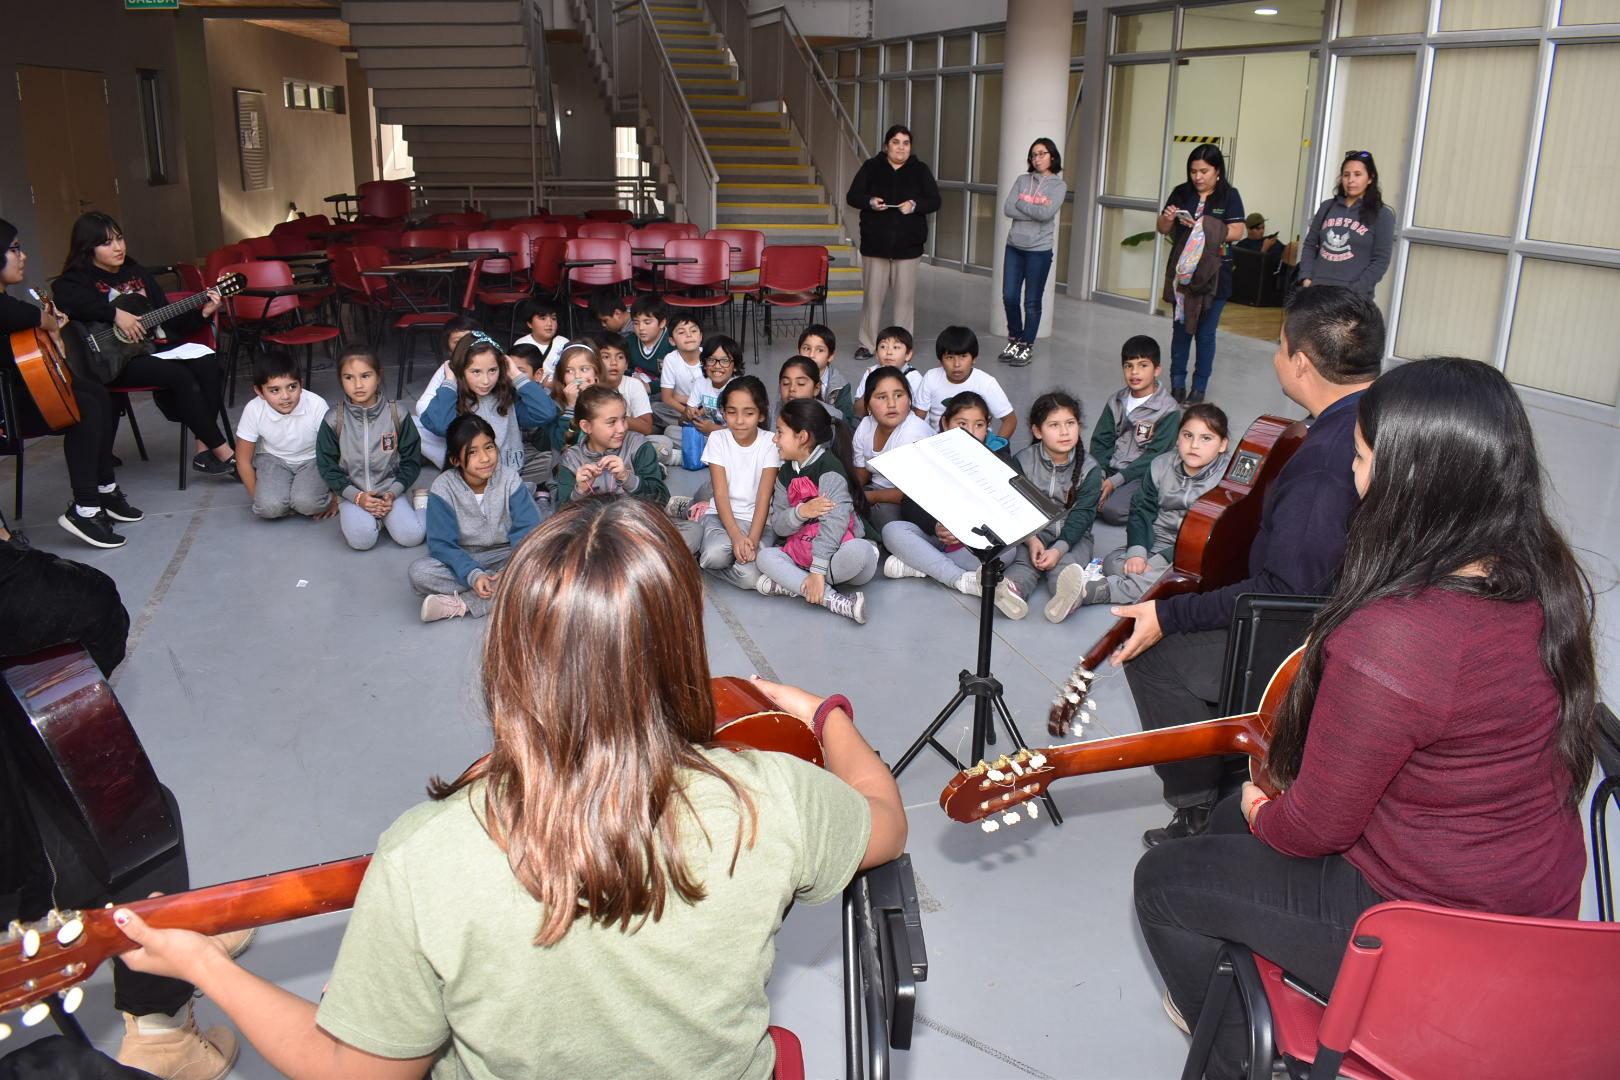 Estudiantes de Pedagogía en Educación General Básica ofrecieron talleres artísticos para niños y niñas de escuela El Palomar